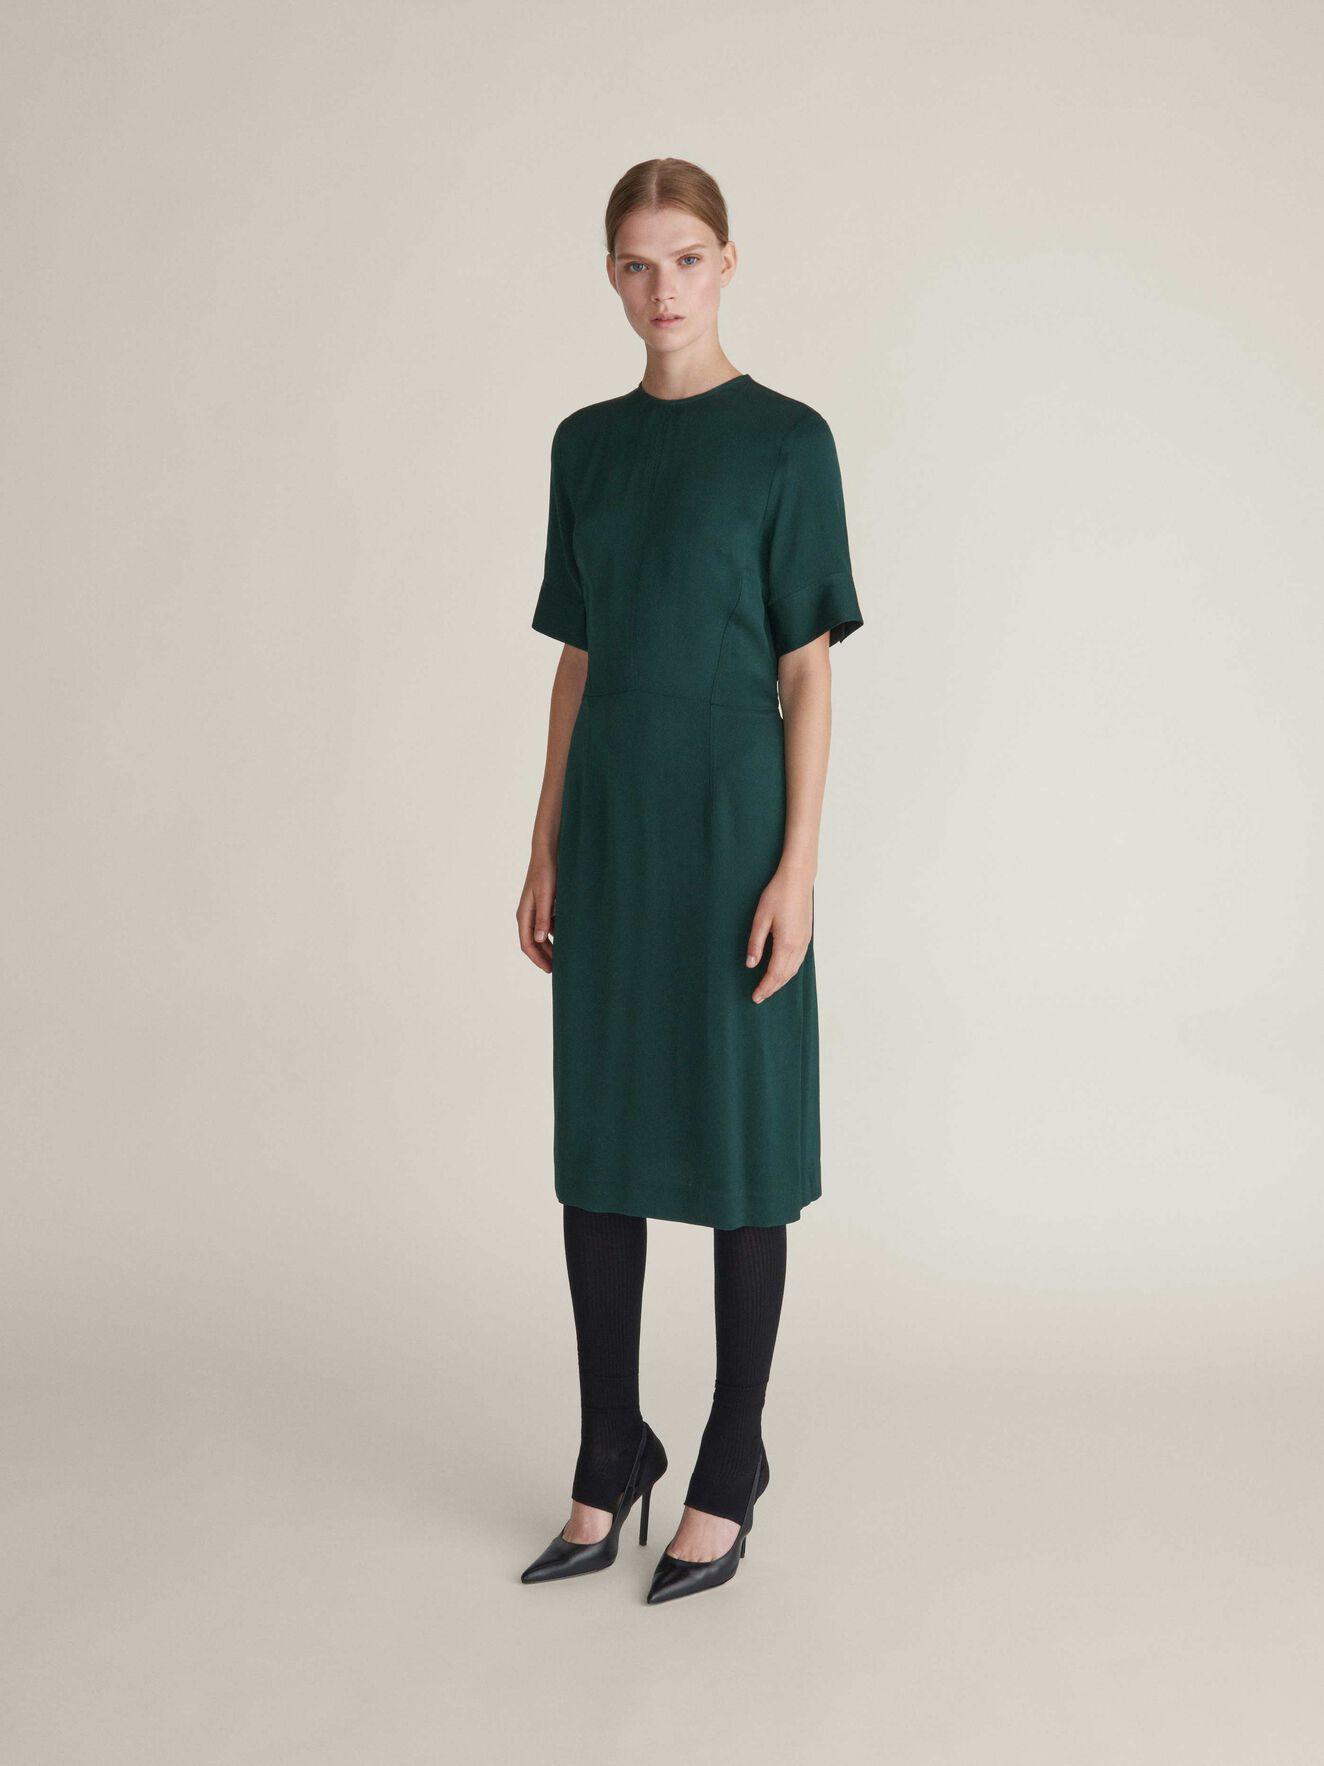 Klänningar - handla klänningar i olika design online på Tiger of Sweden d3b86b42a90